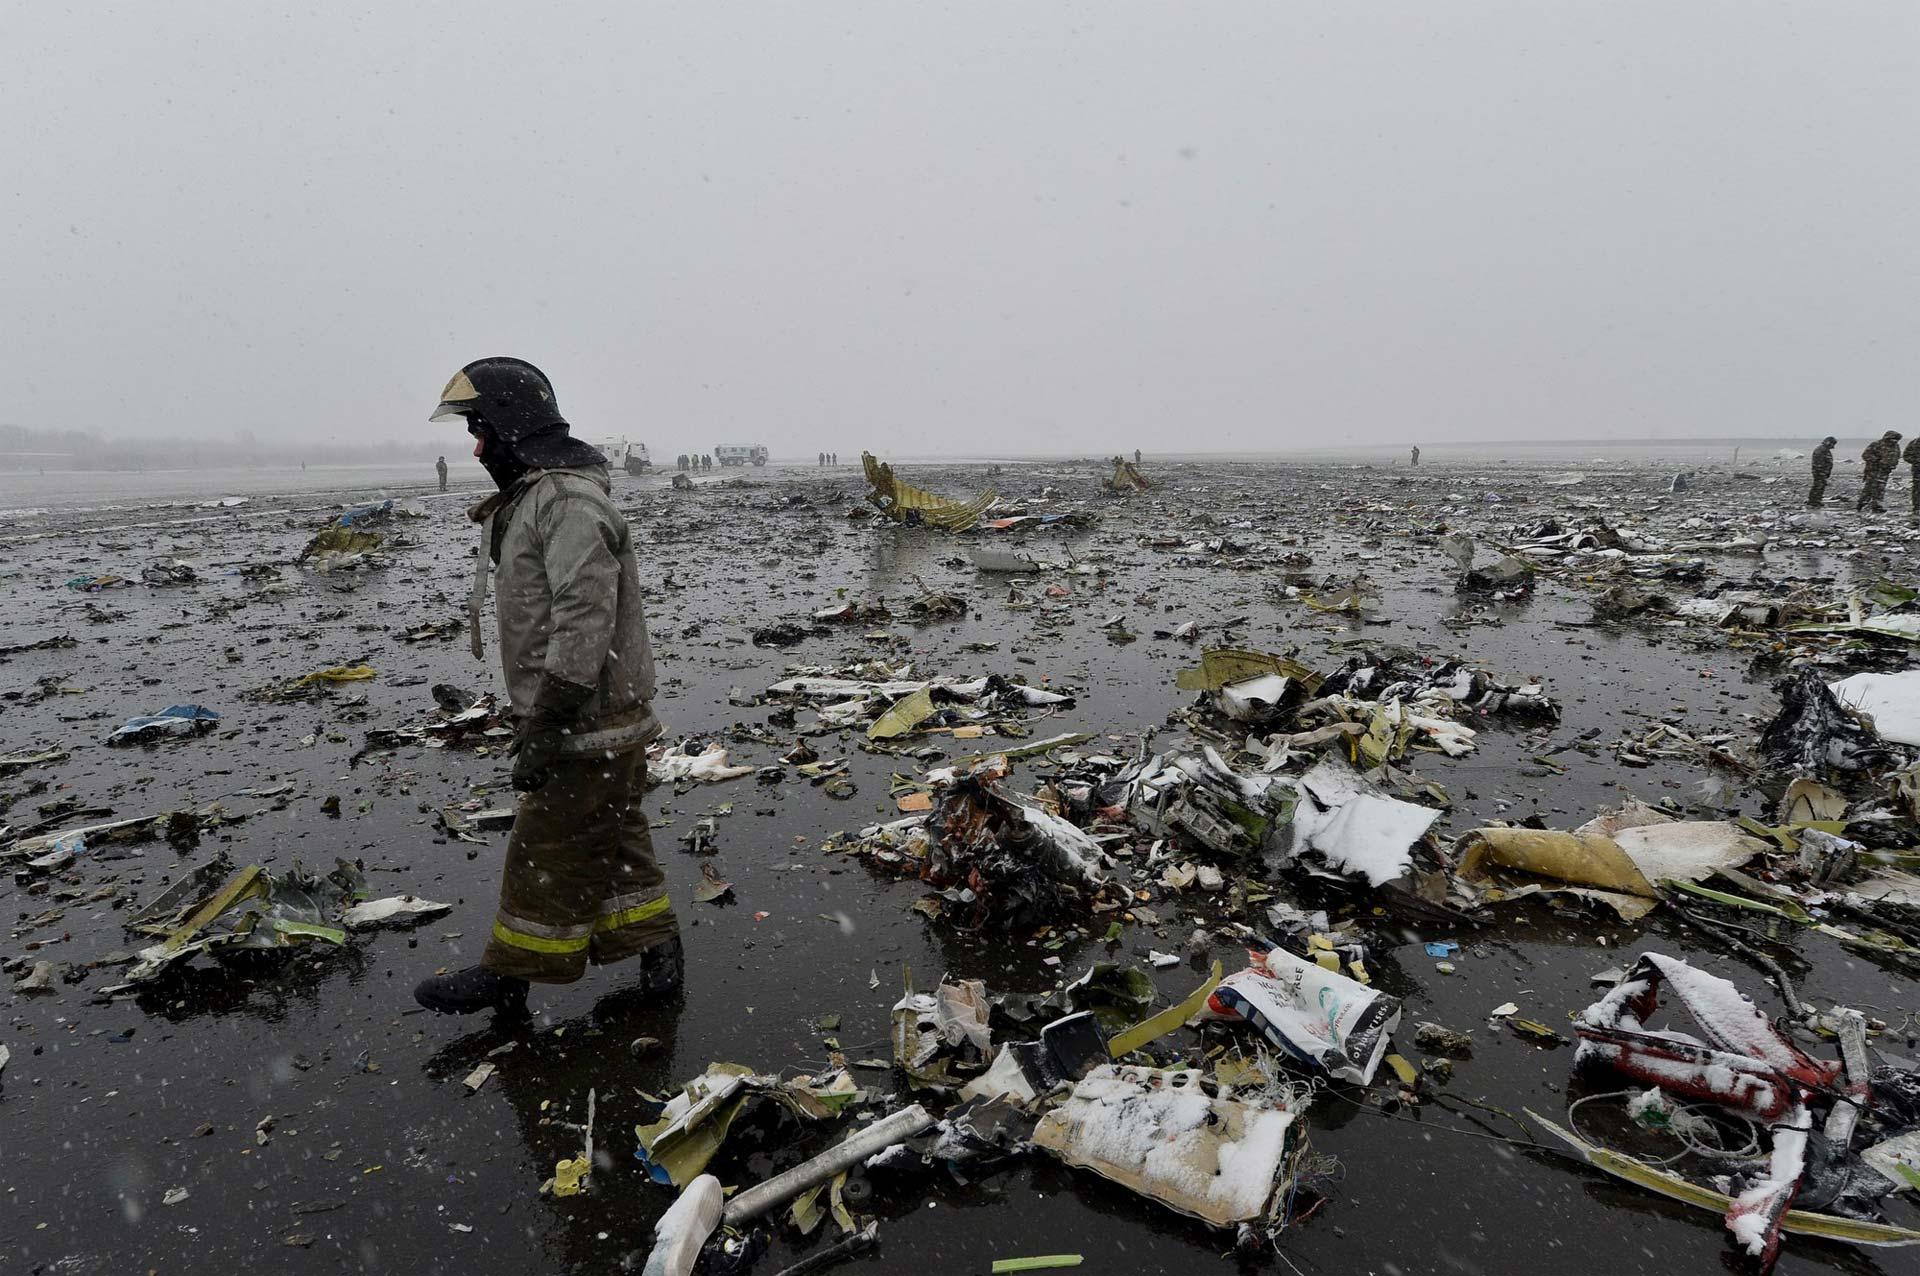 Murieron las 62 personas que viajaban a bordo. Las condiciones meteorológicas podrían haber causado el accidente